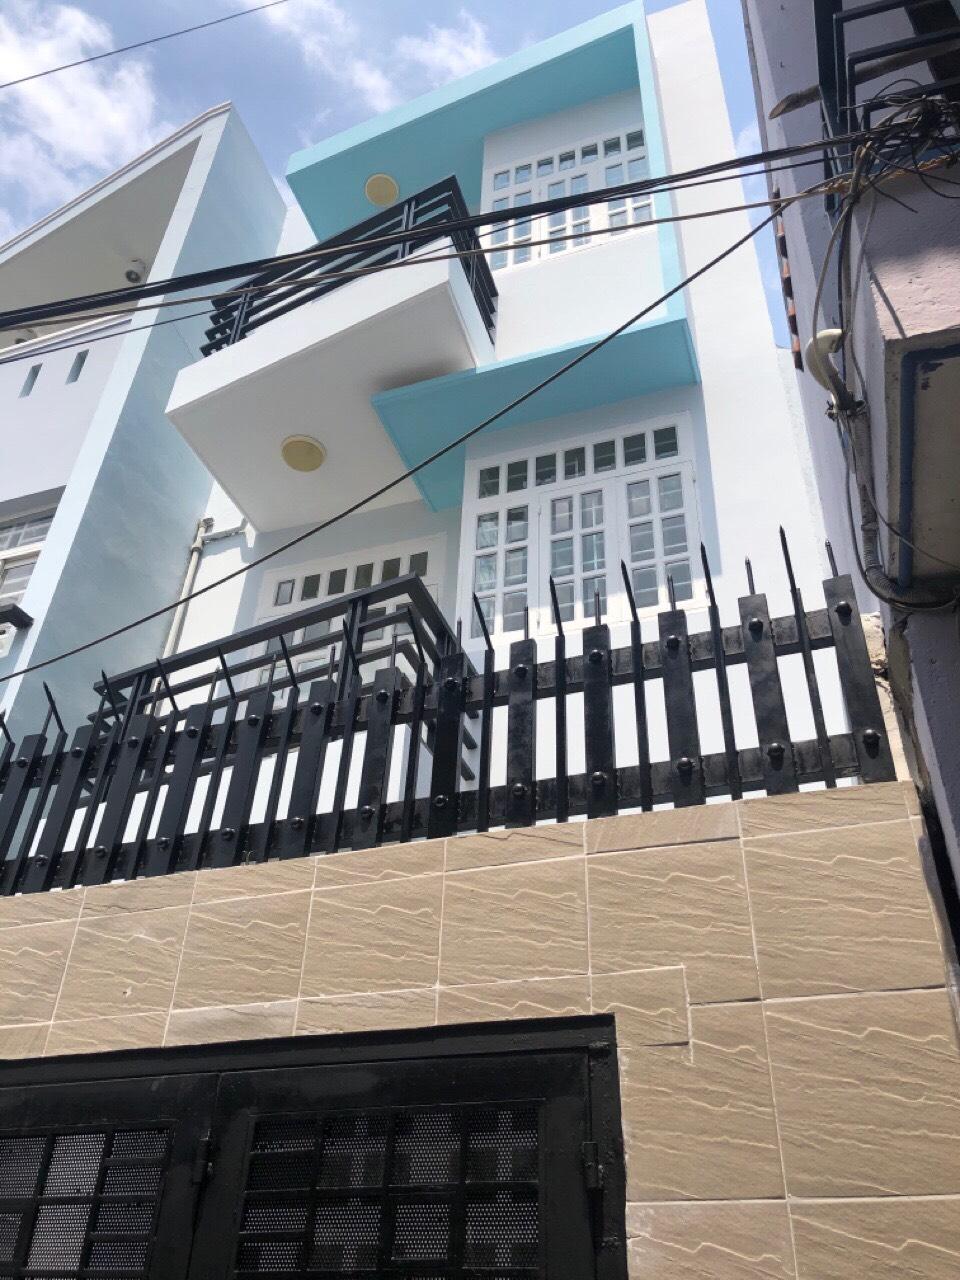 Bán nhà hẻm xe hơi 141 Tám Danh phường 4 Quận 8 dưới 5 tỷ, gần chợ Phạm Thế Hiển